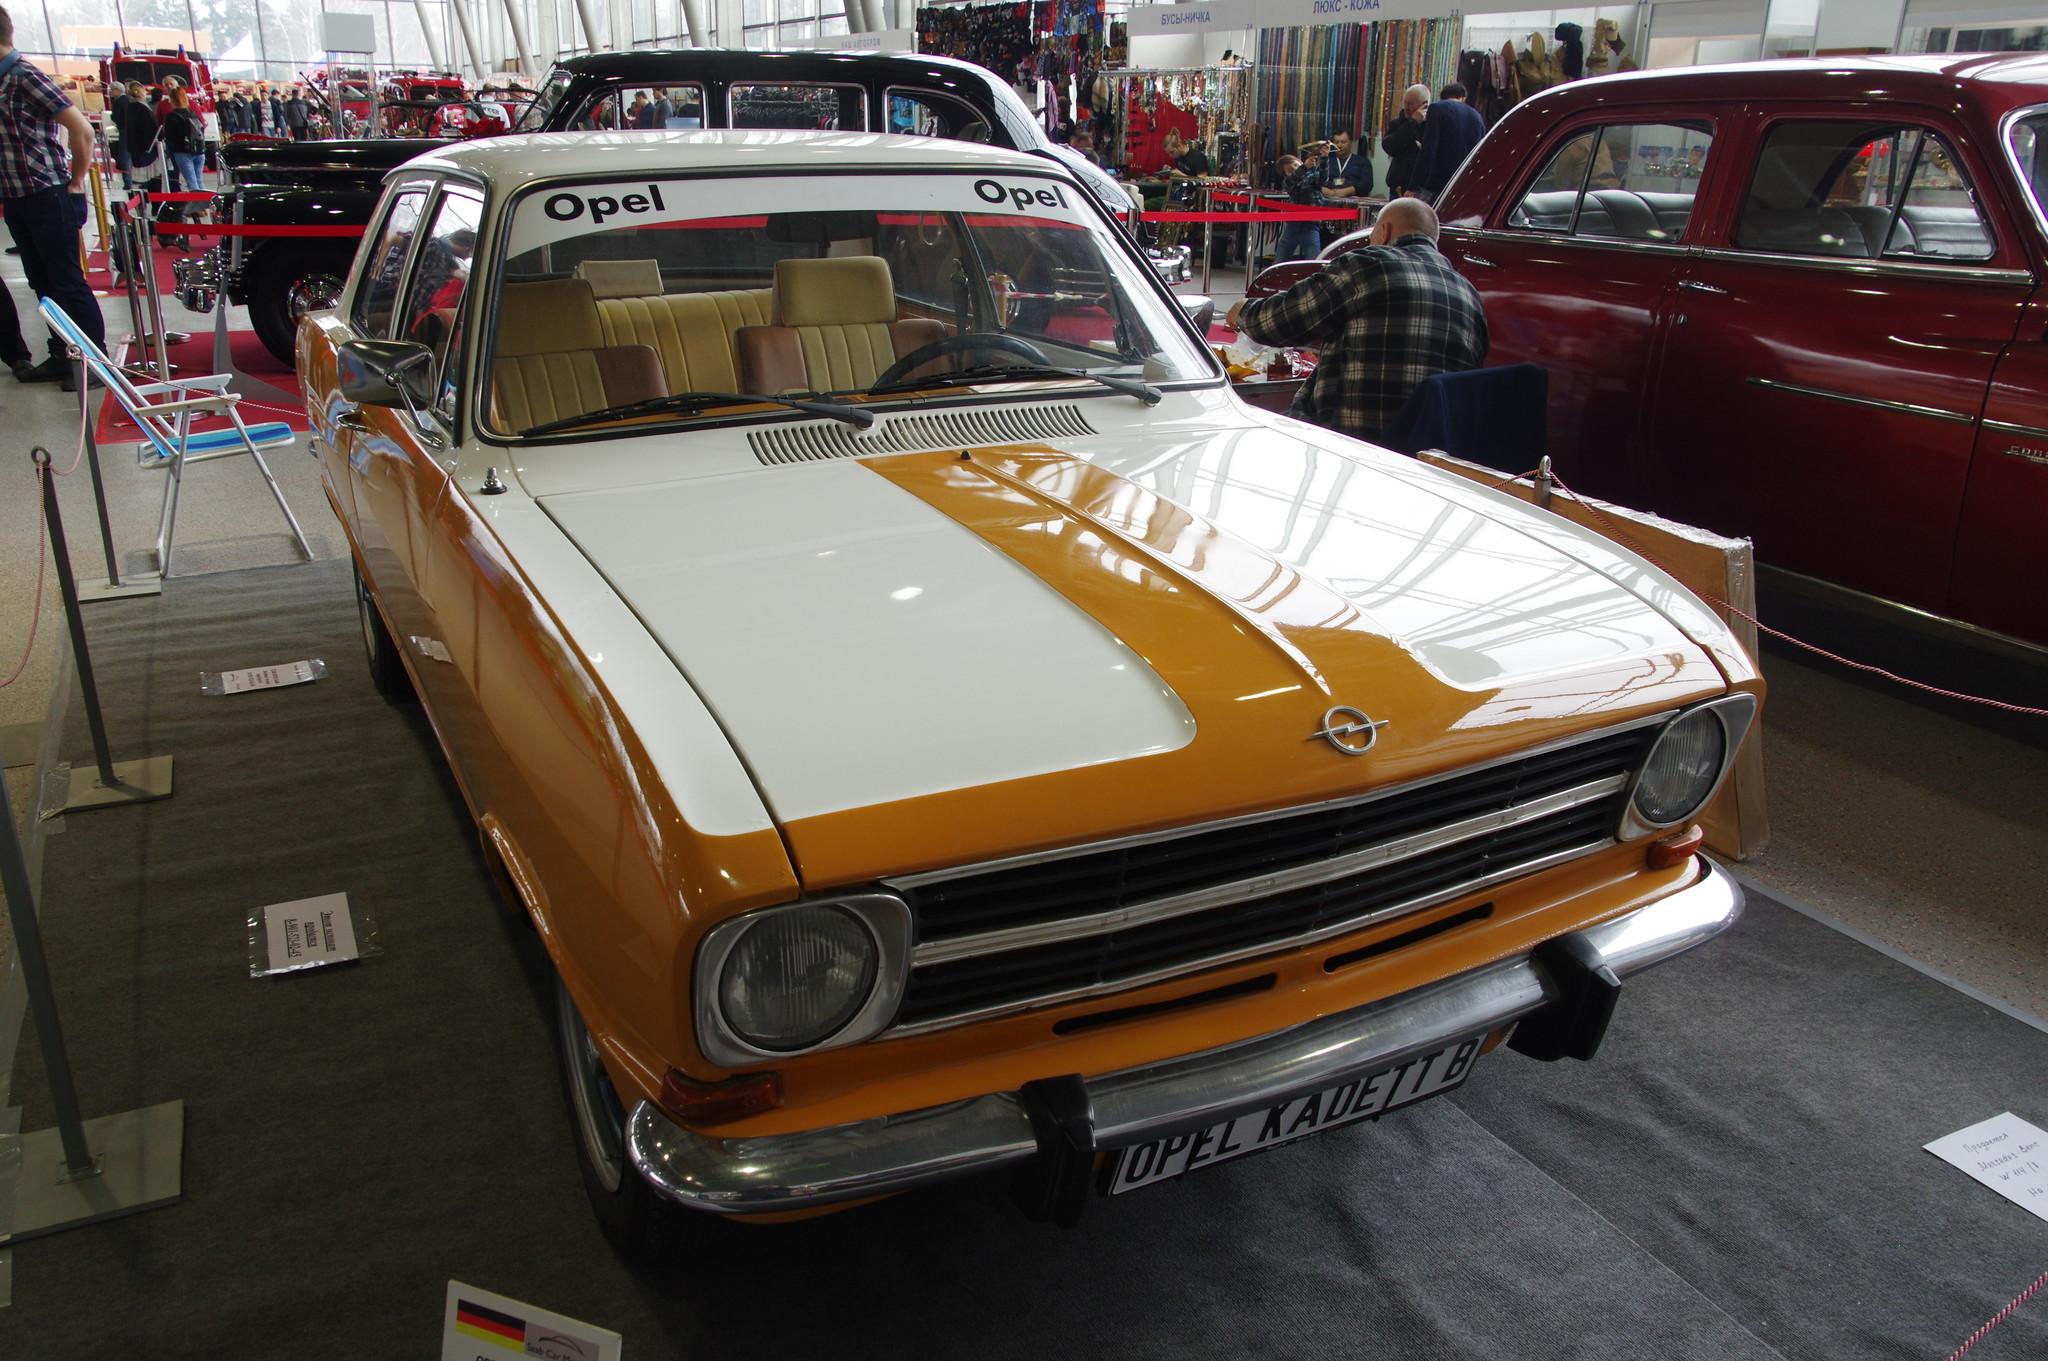 Автомобиль Opel Kadett B 1972 г.